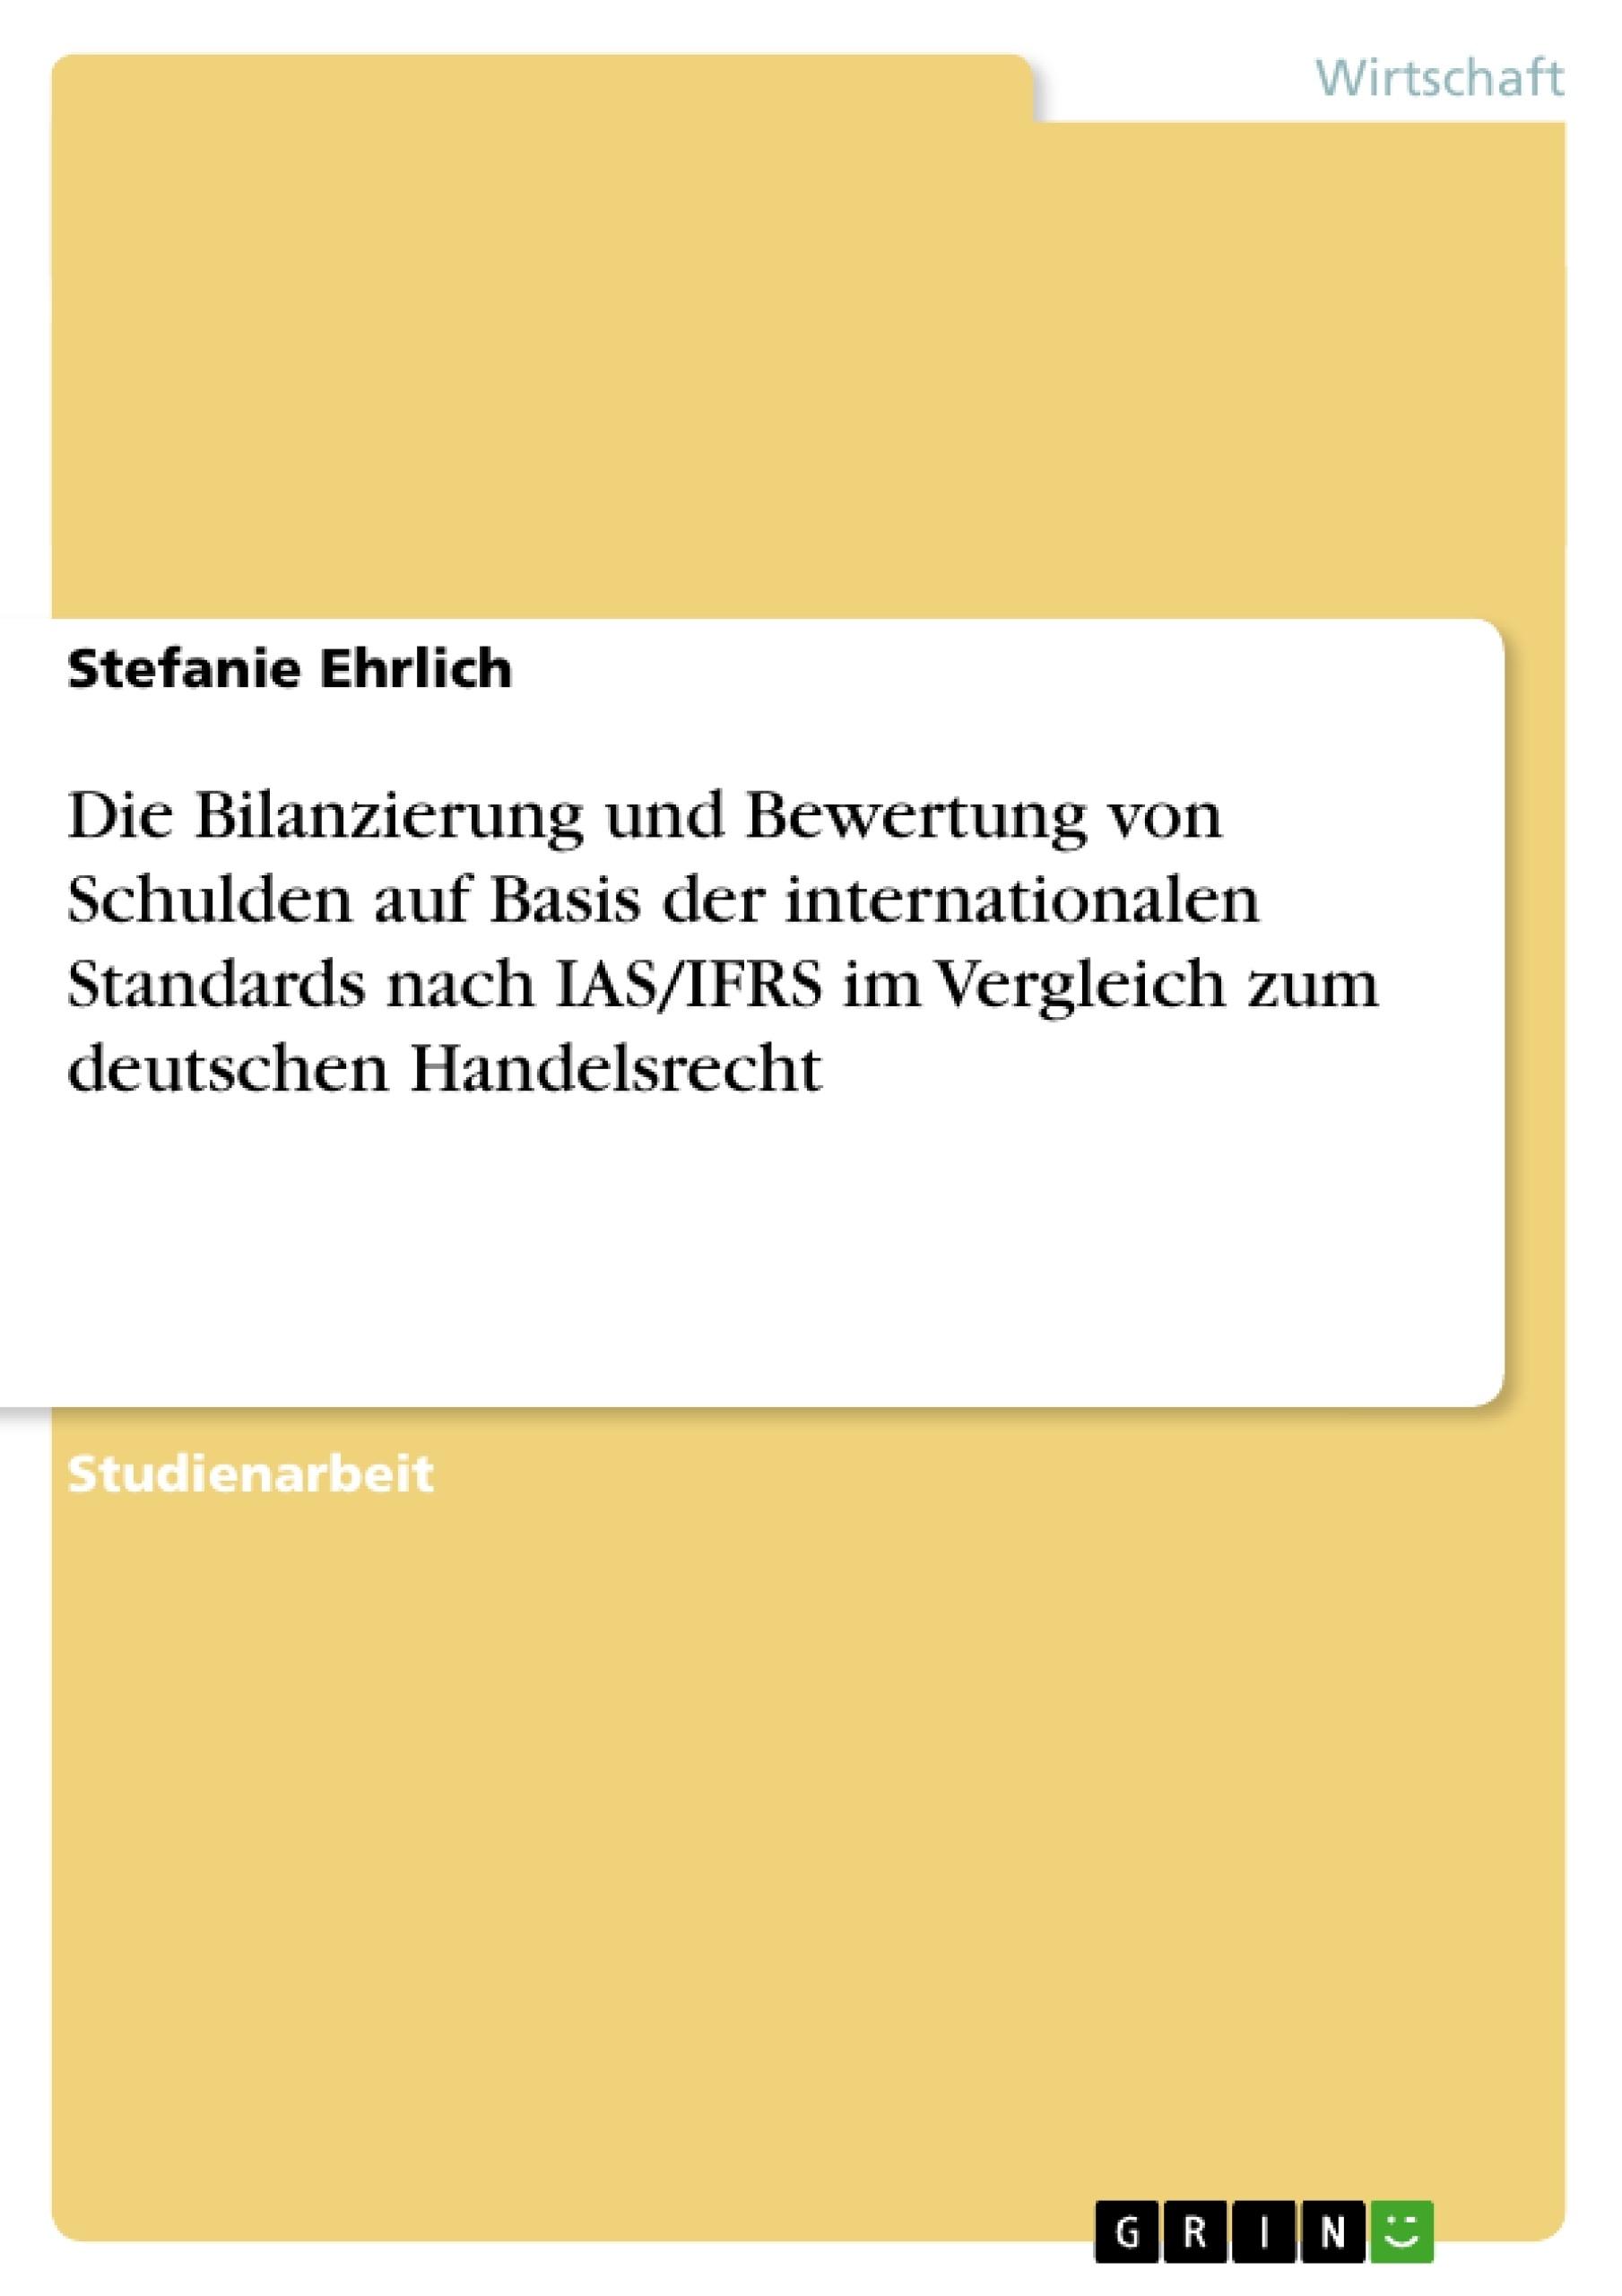 Titel: Die Bilanzierung und Bewertung von Schulden auf Basis der internationalen Standards nach IAS/IFRS im Vergleich zum deutschen Handelsrecht